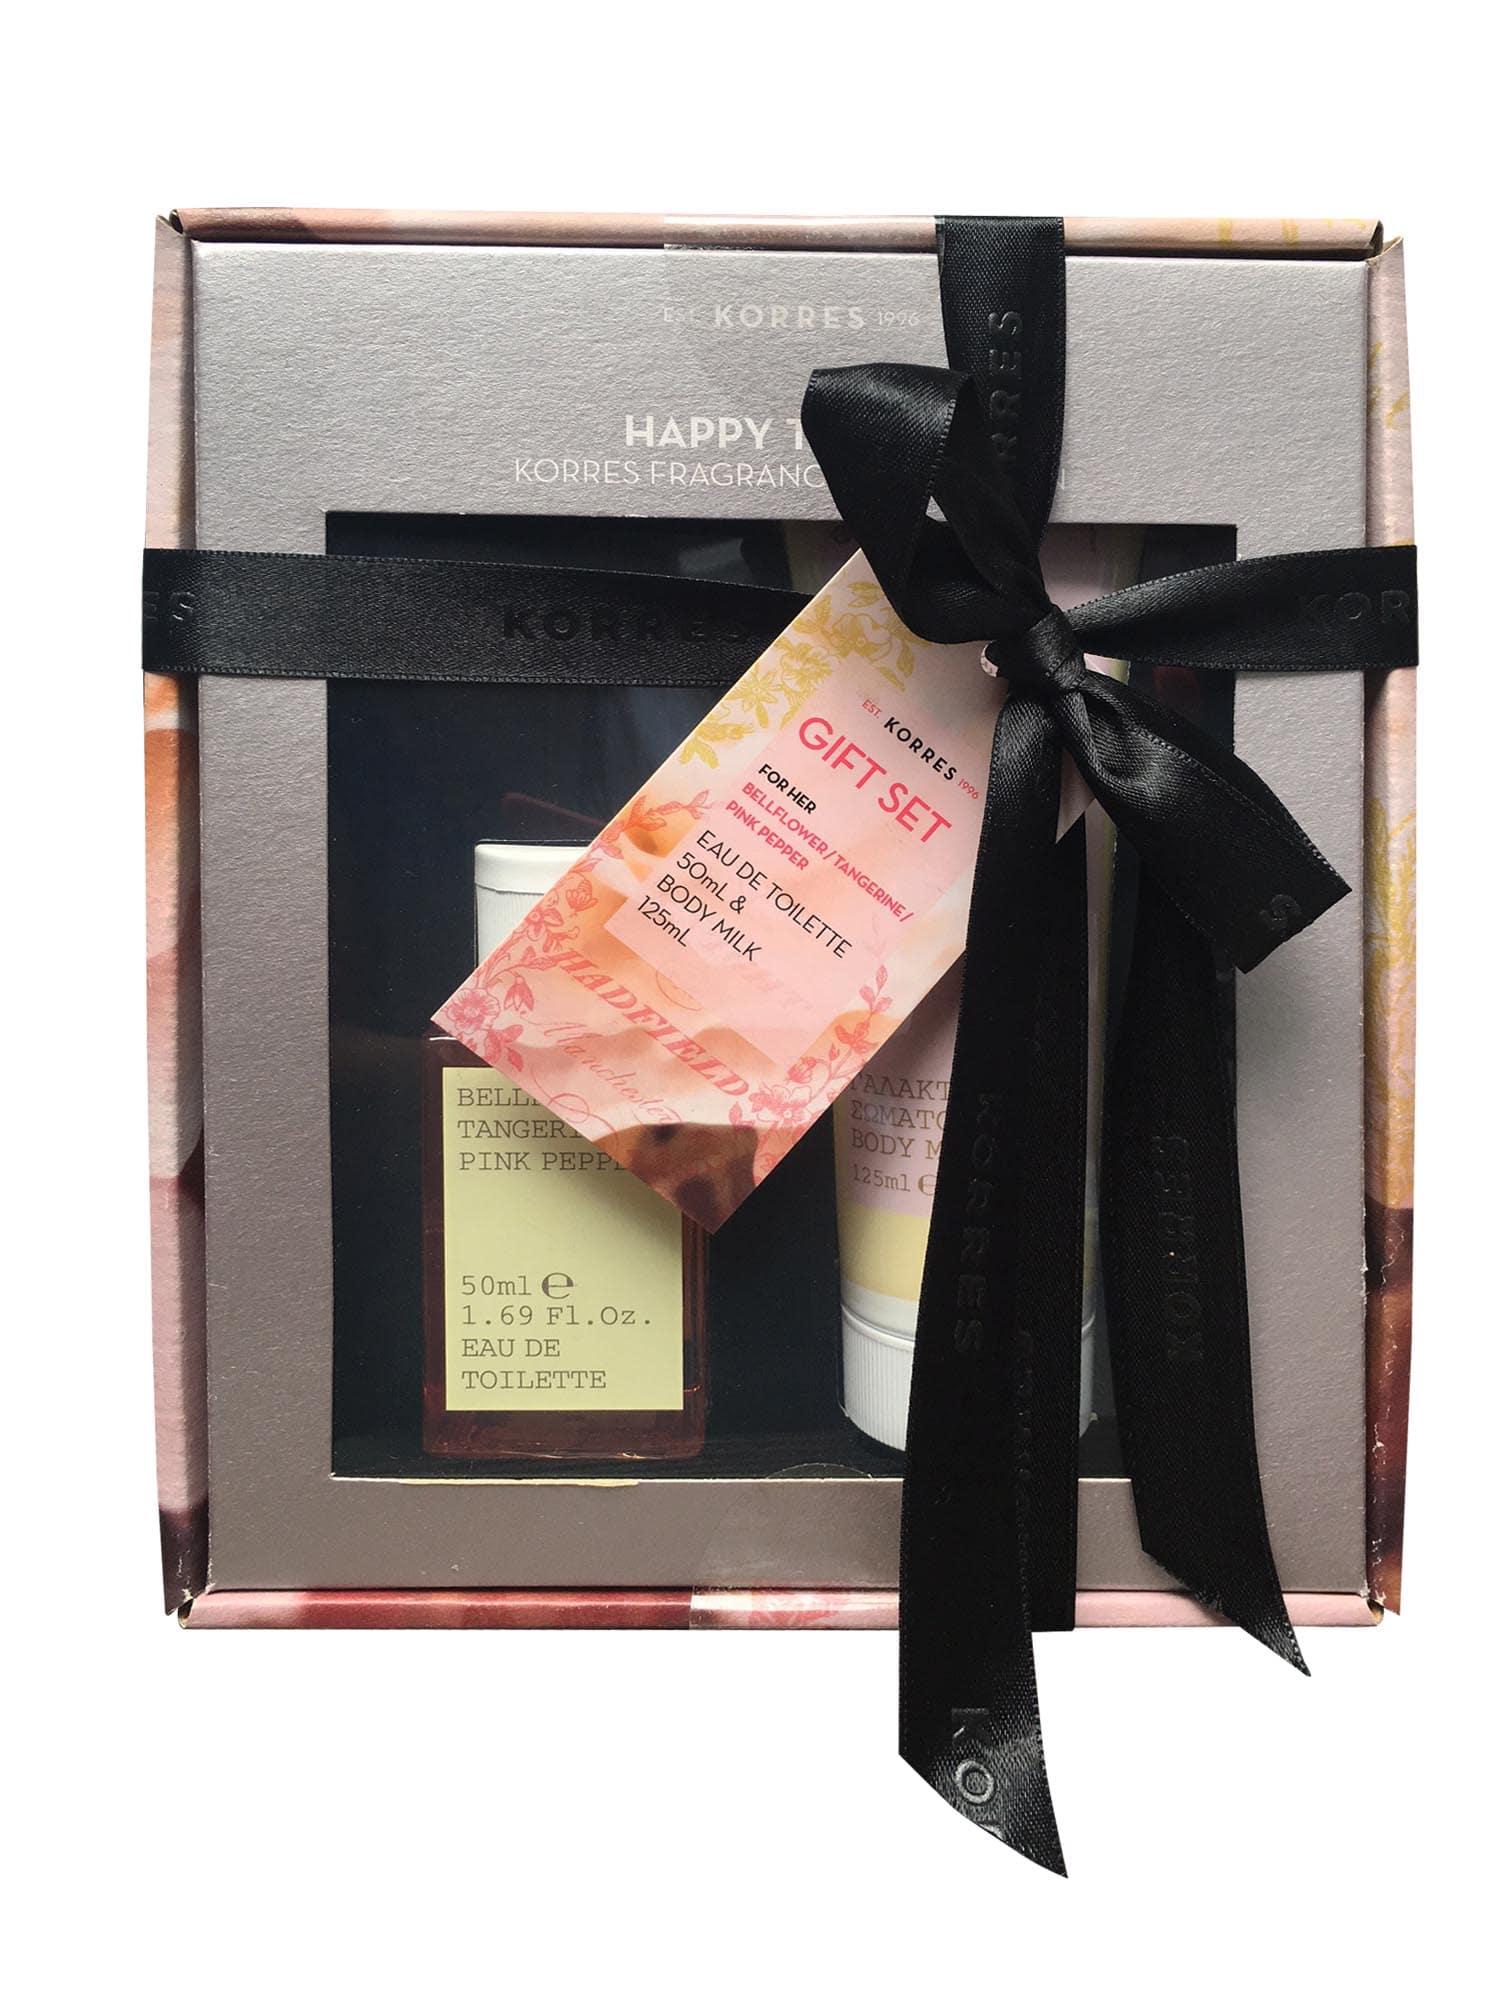 c45f6ab95d6 Korres Gift Set for Her incl. Eau de Toilette Bellflower / Tangerine / Pink  Pepper